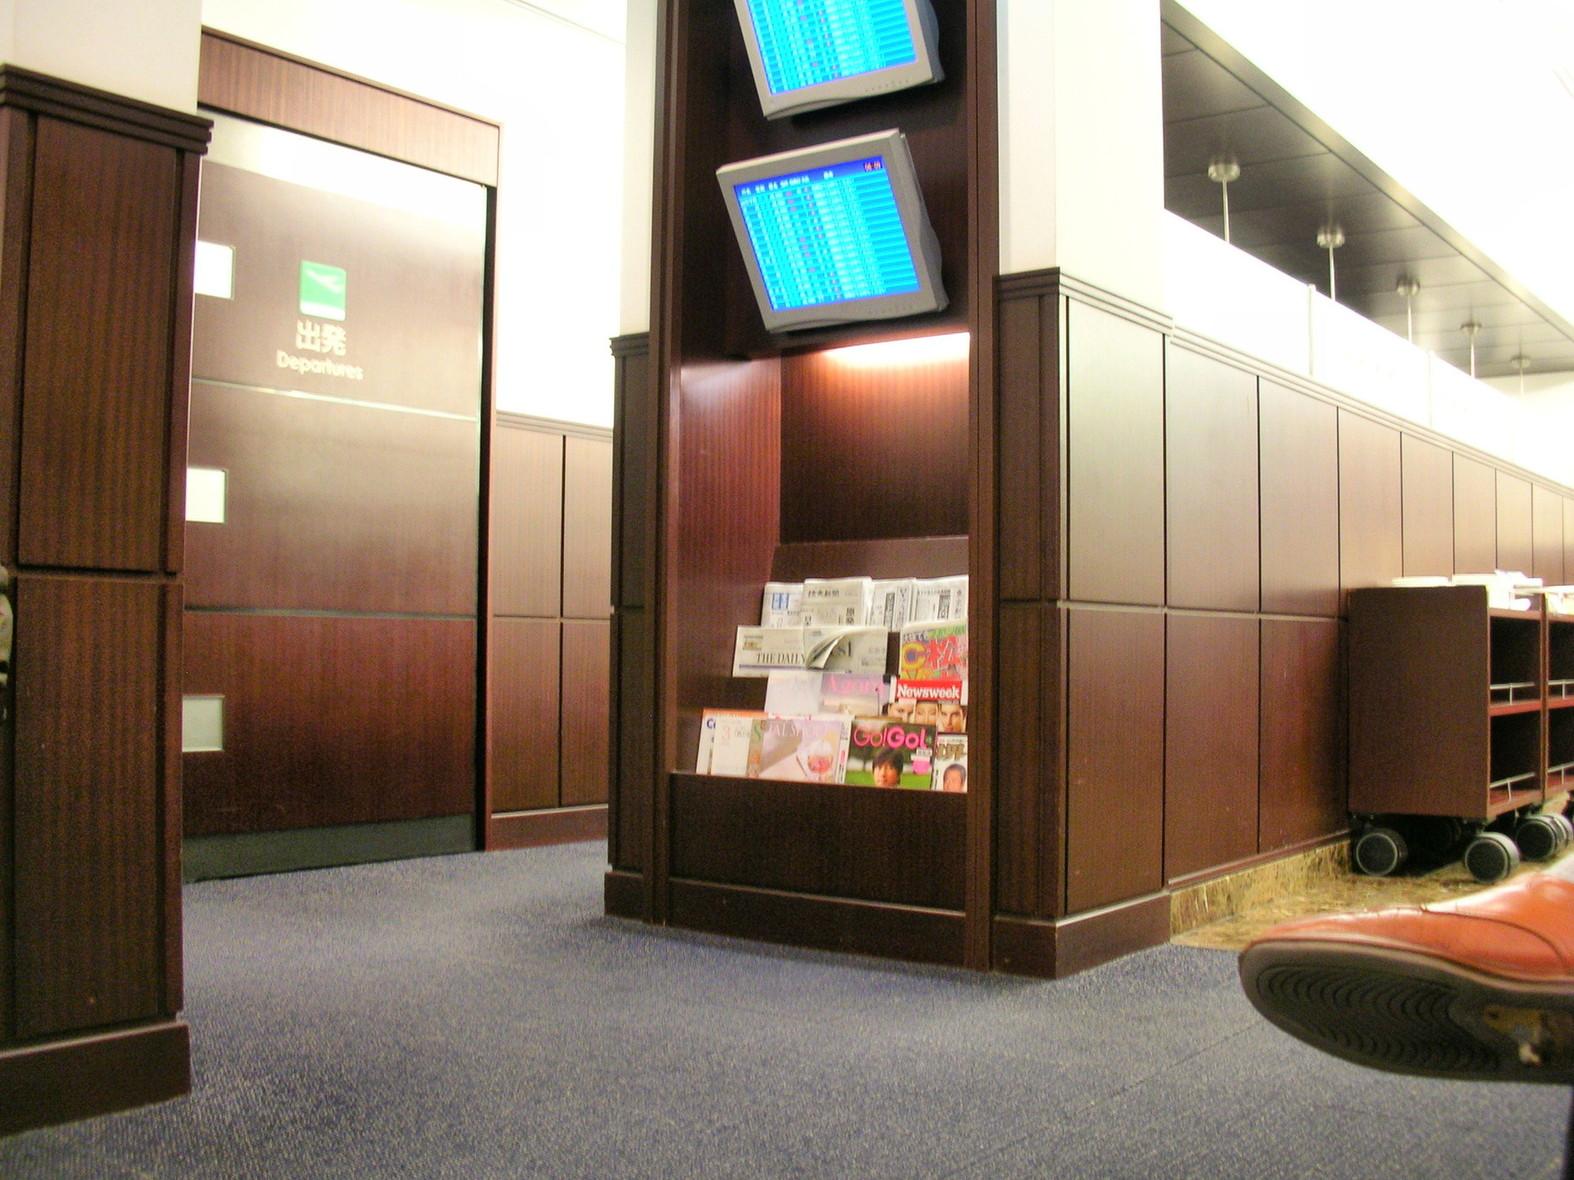 ベーグル&ベーグル 羽田空港店